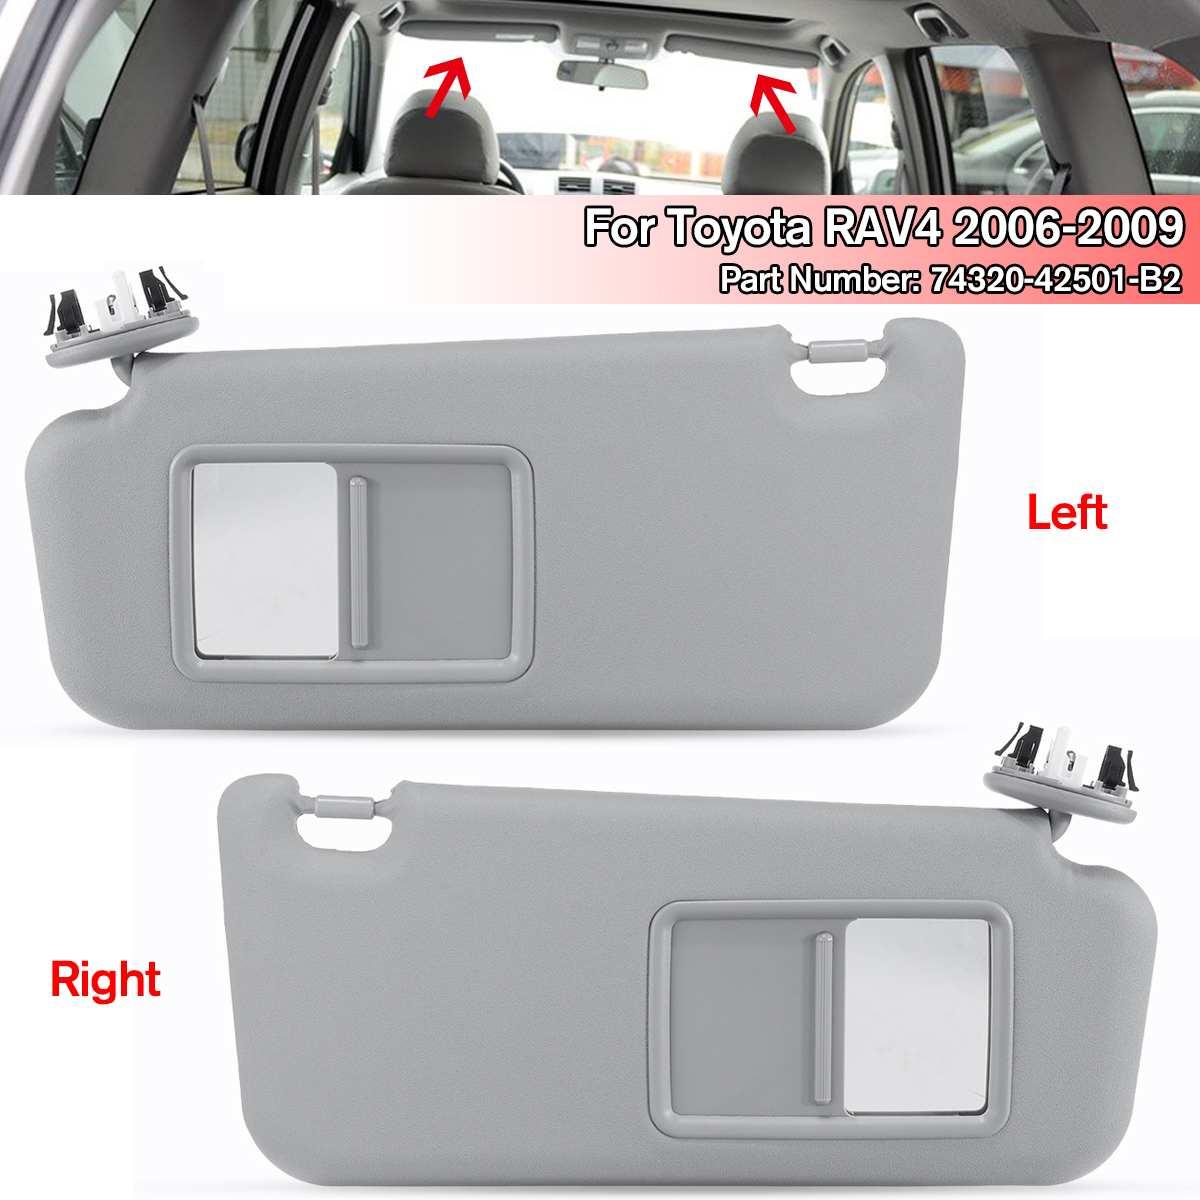 Nouveau 1 pièces gauche/droite d'origine Console intérieure pare-soleil pare-soleil pare-soleil avec miroir pour Toyota RAV4 2006-2009 74320-42501-B2